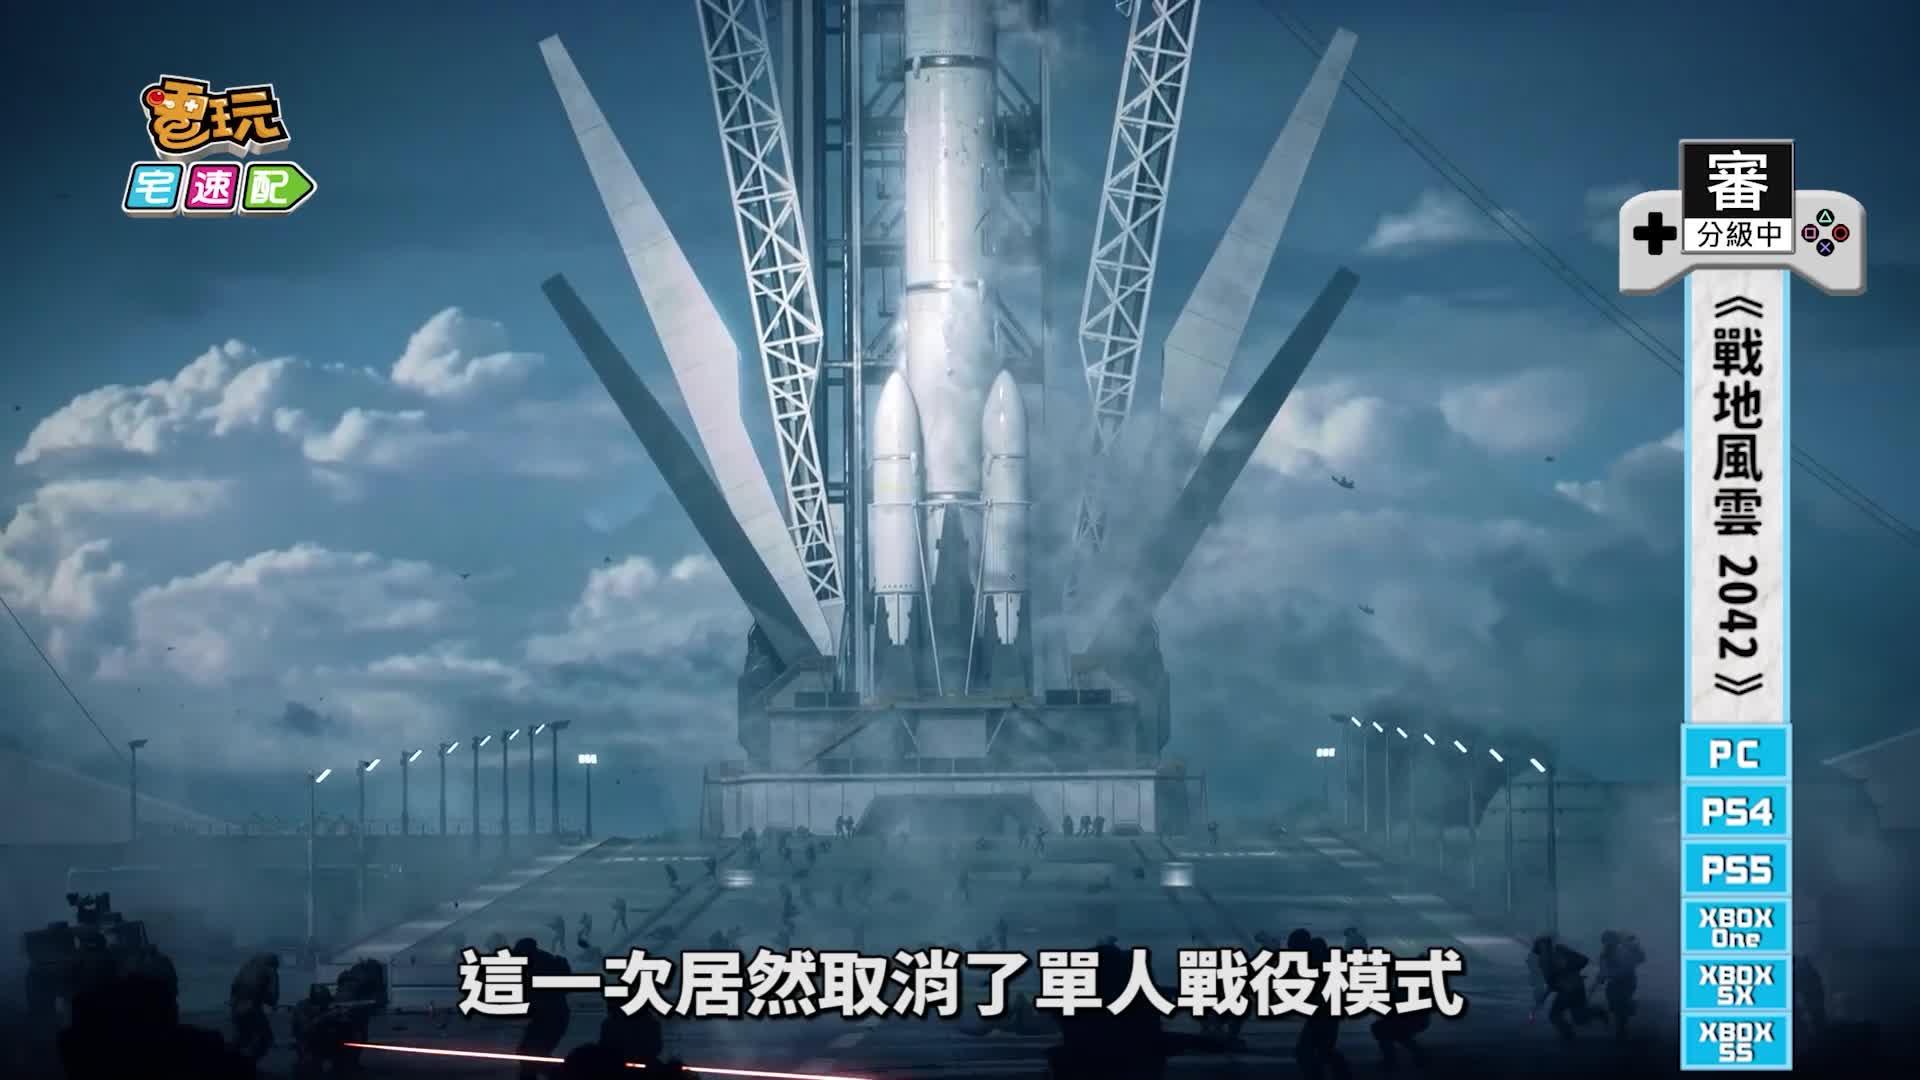 《戰地風雲 2042》確認為未來科幻風!還取消單人戰役!